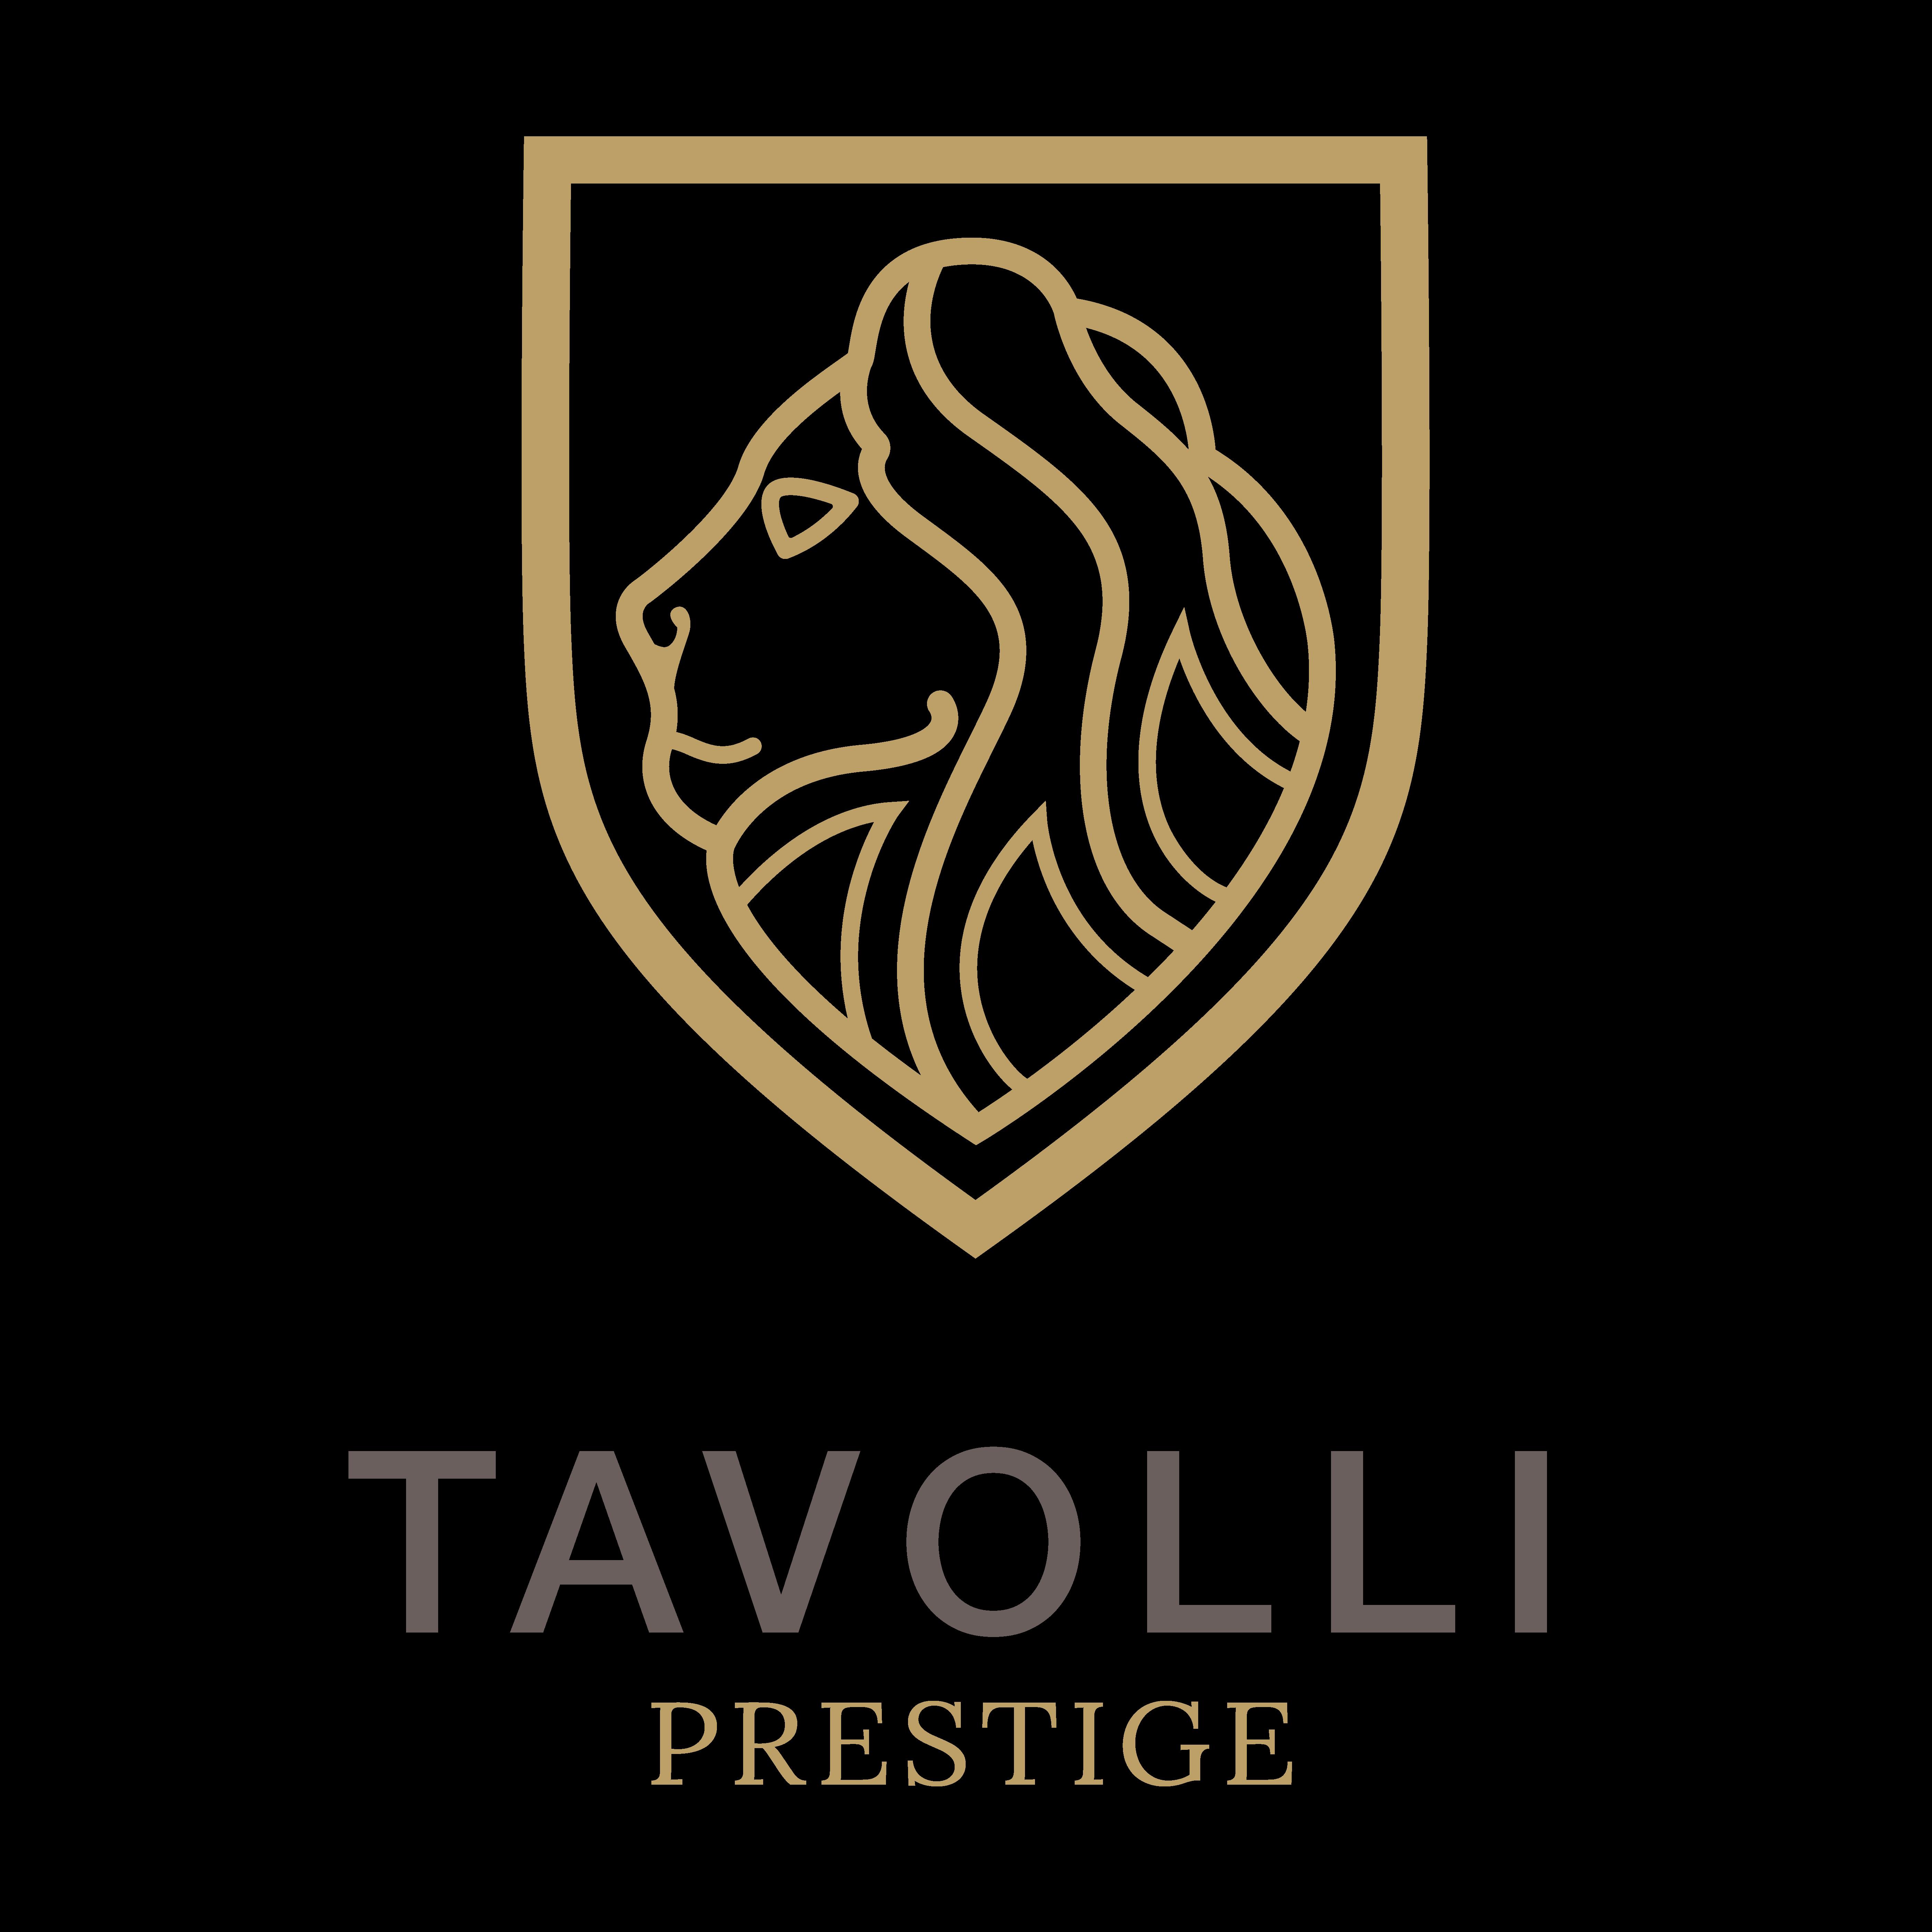 Tavolli Prestige Logo